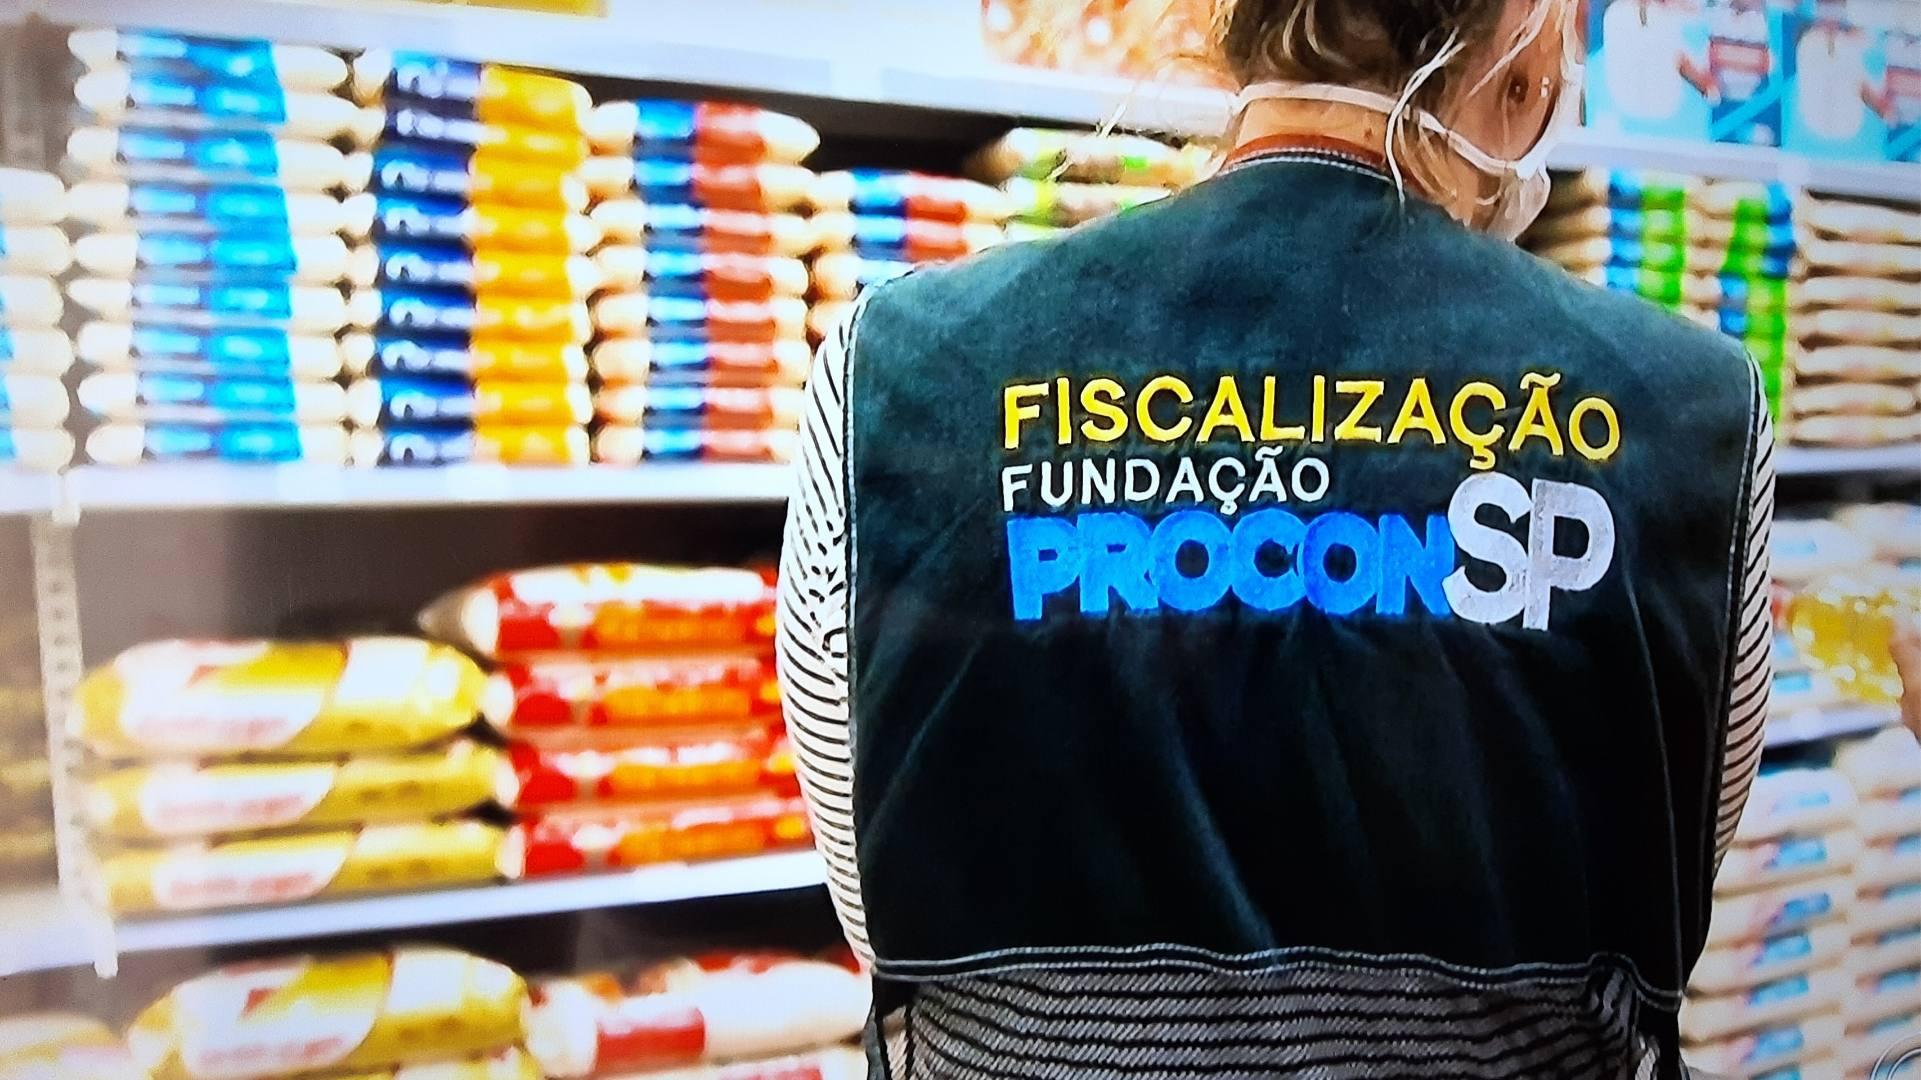 Em 2 dias de fiscalização, Procon notifica 87 supermercados por preços abusivos